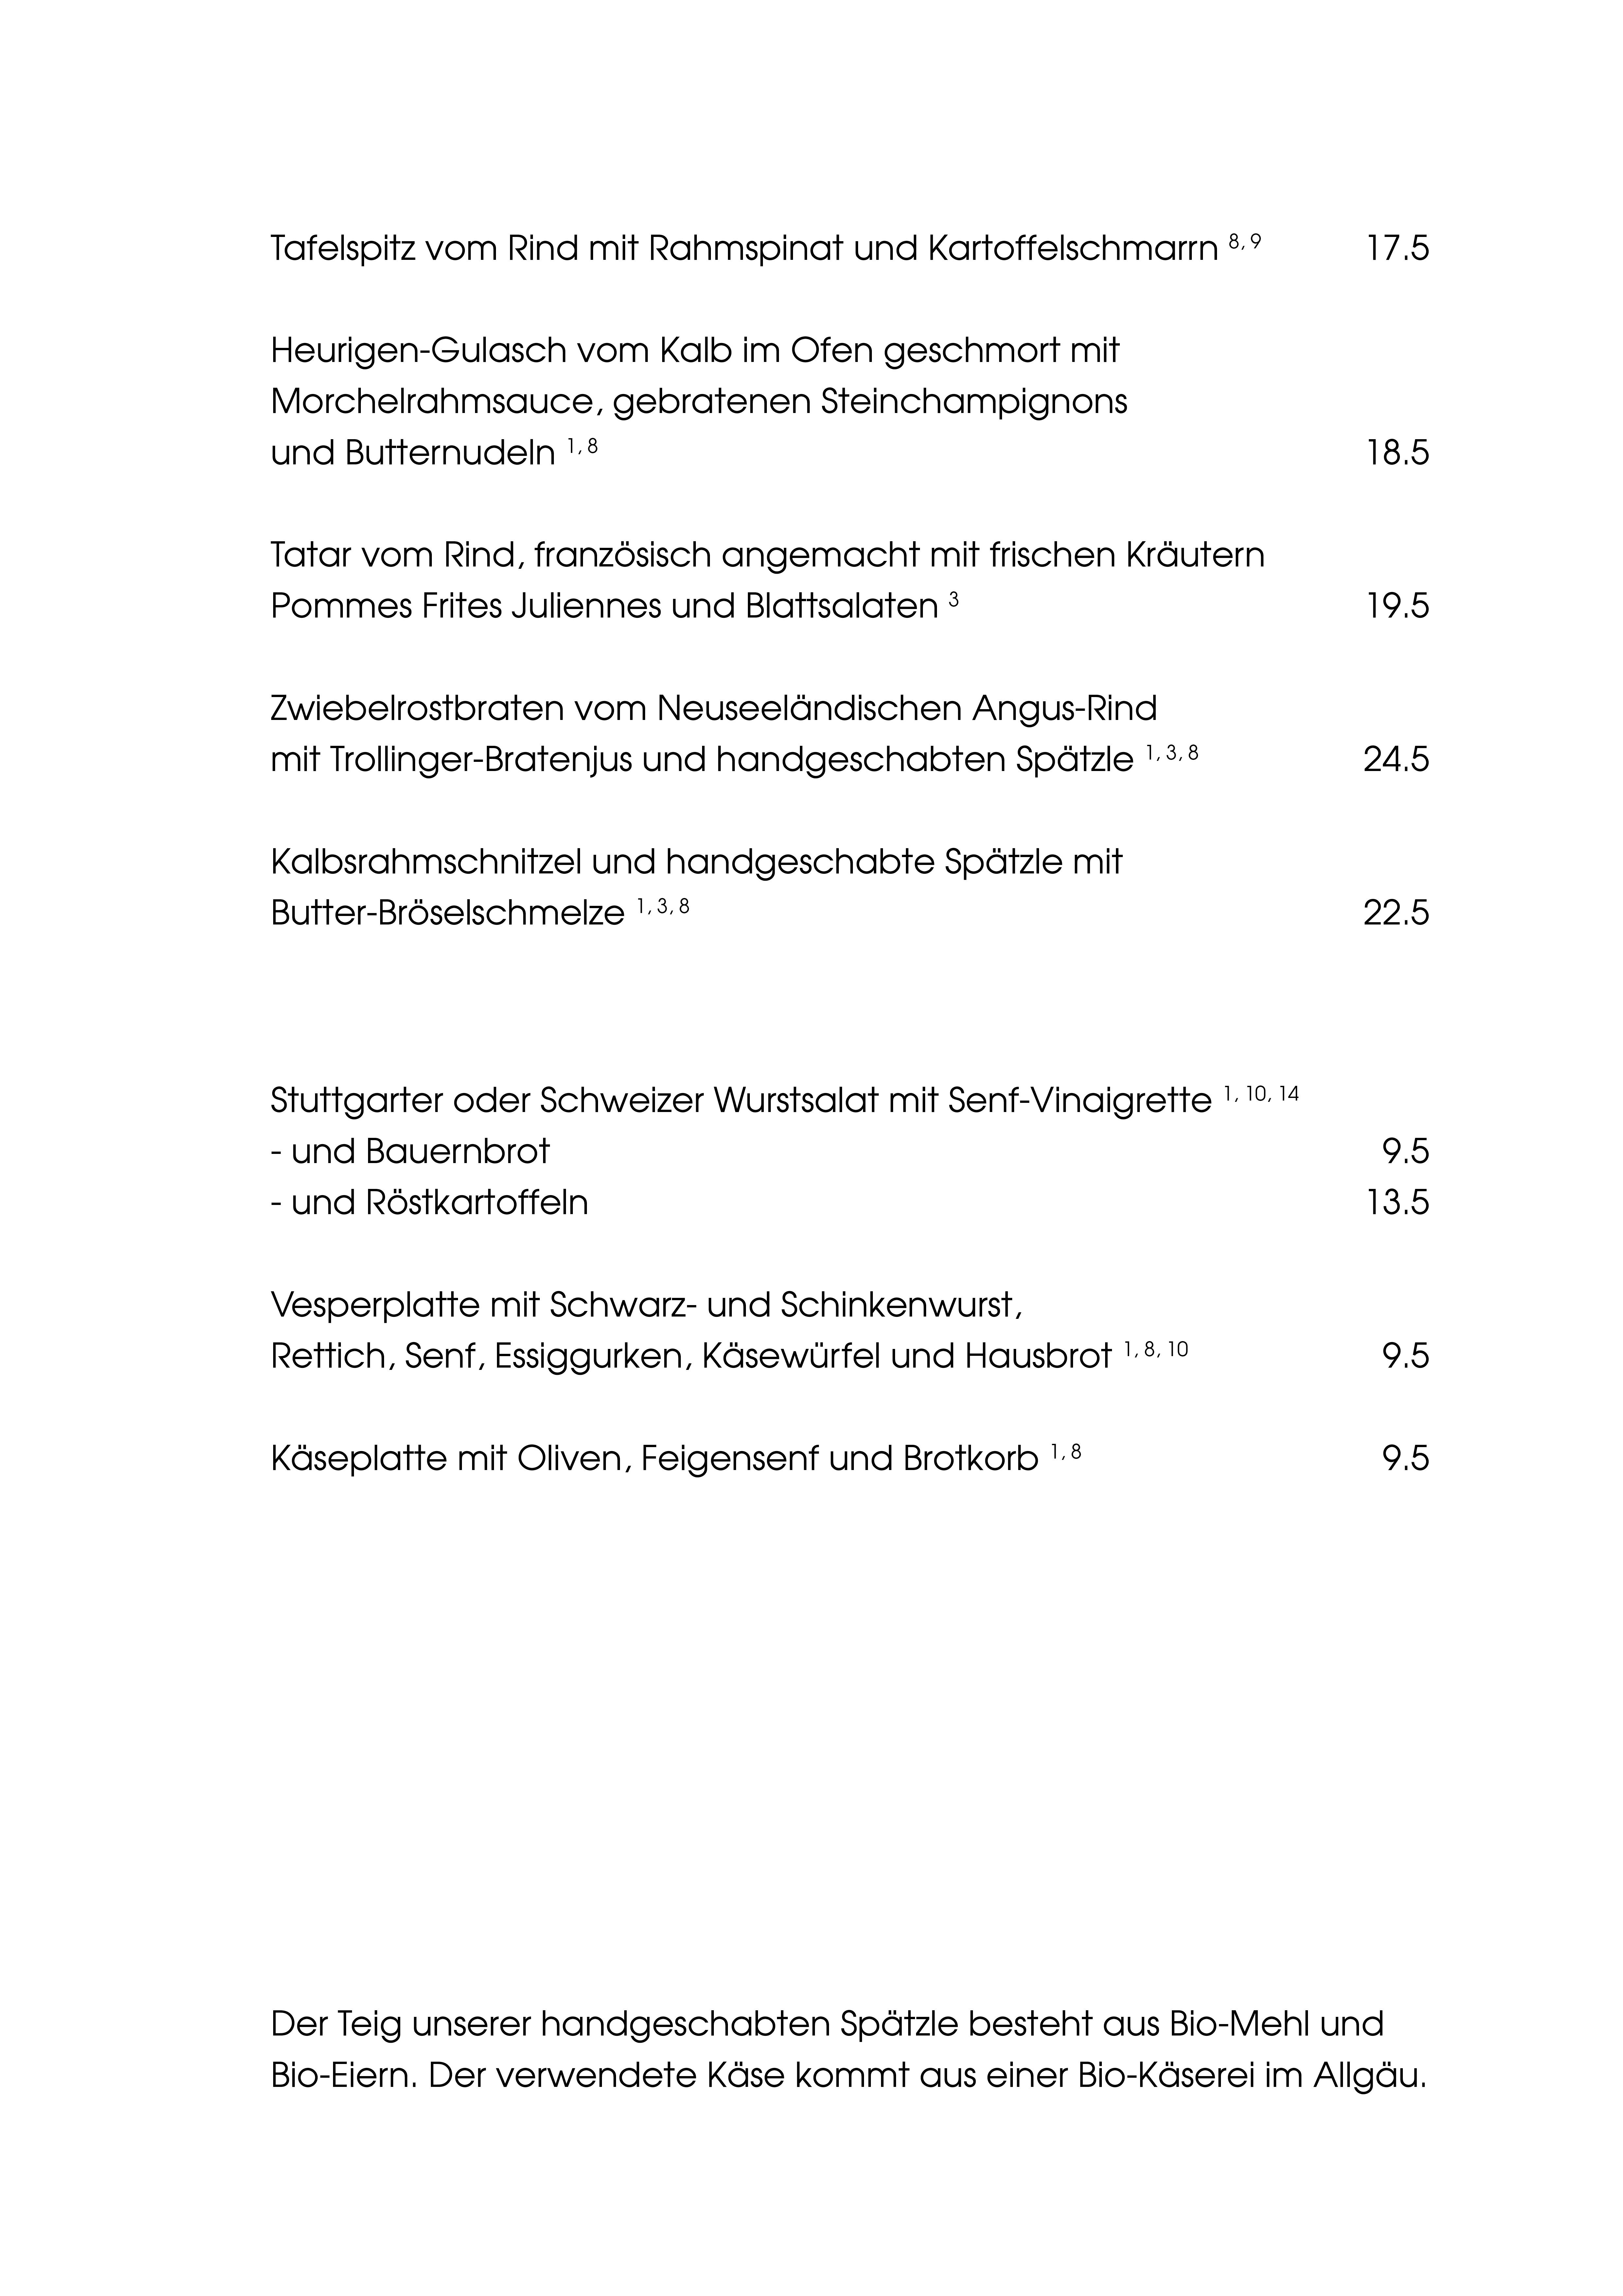 """Speisekarte """"zum Heurigen"""", Seite 2"""